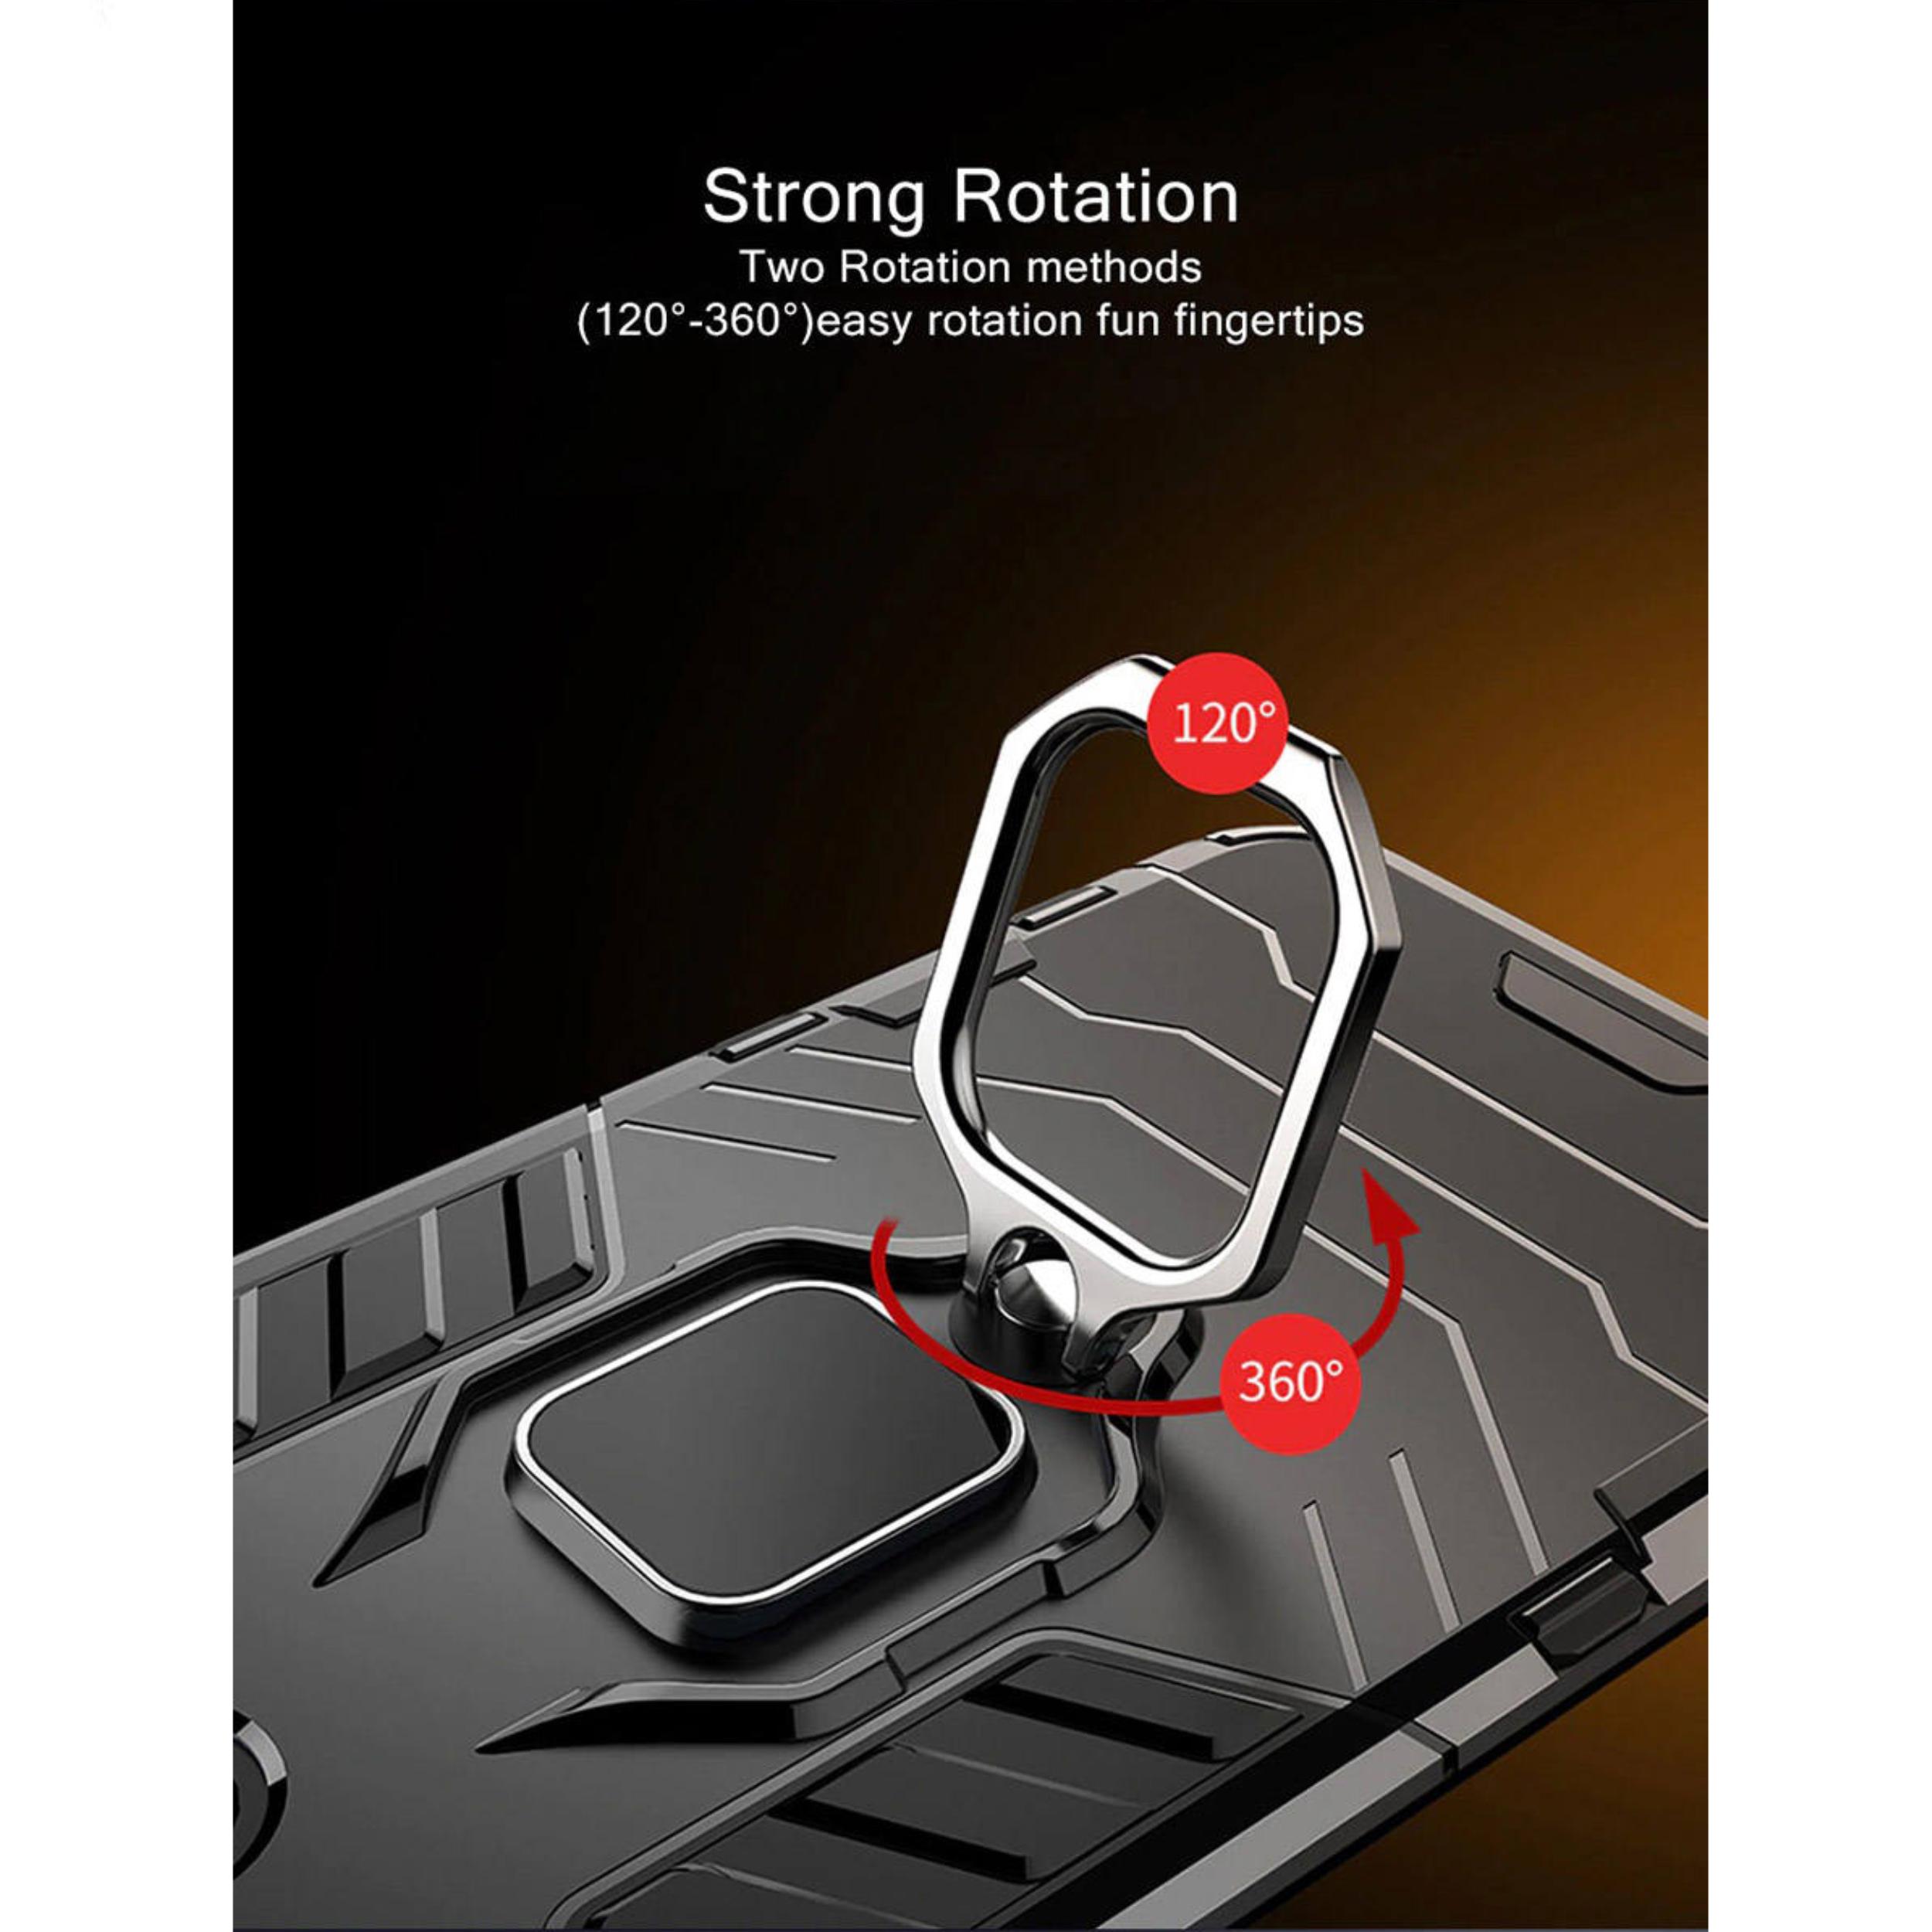 کاور کینگ پاور مدل ASH22 مناسب برای گوشی موبایل سامسونگ Galaxy M31 main 1 14